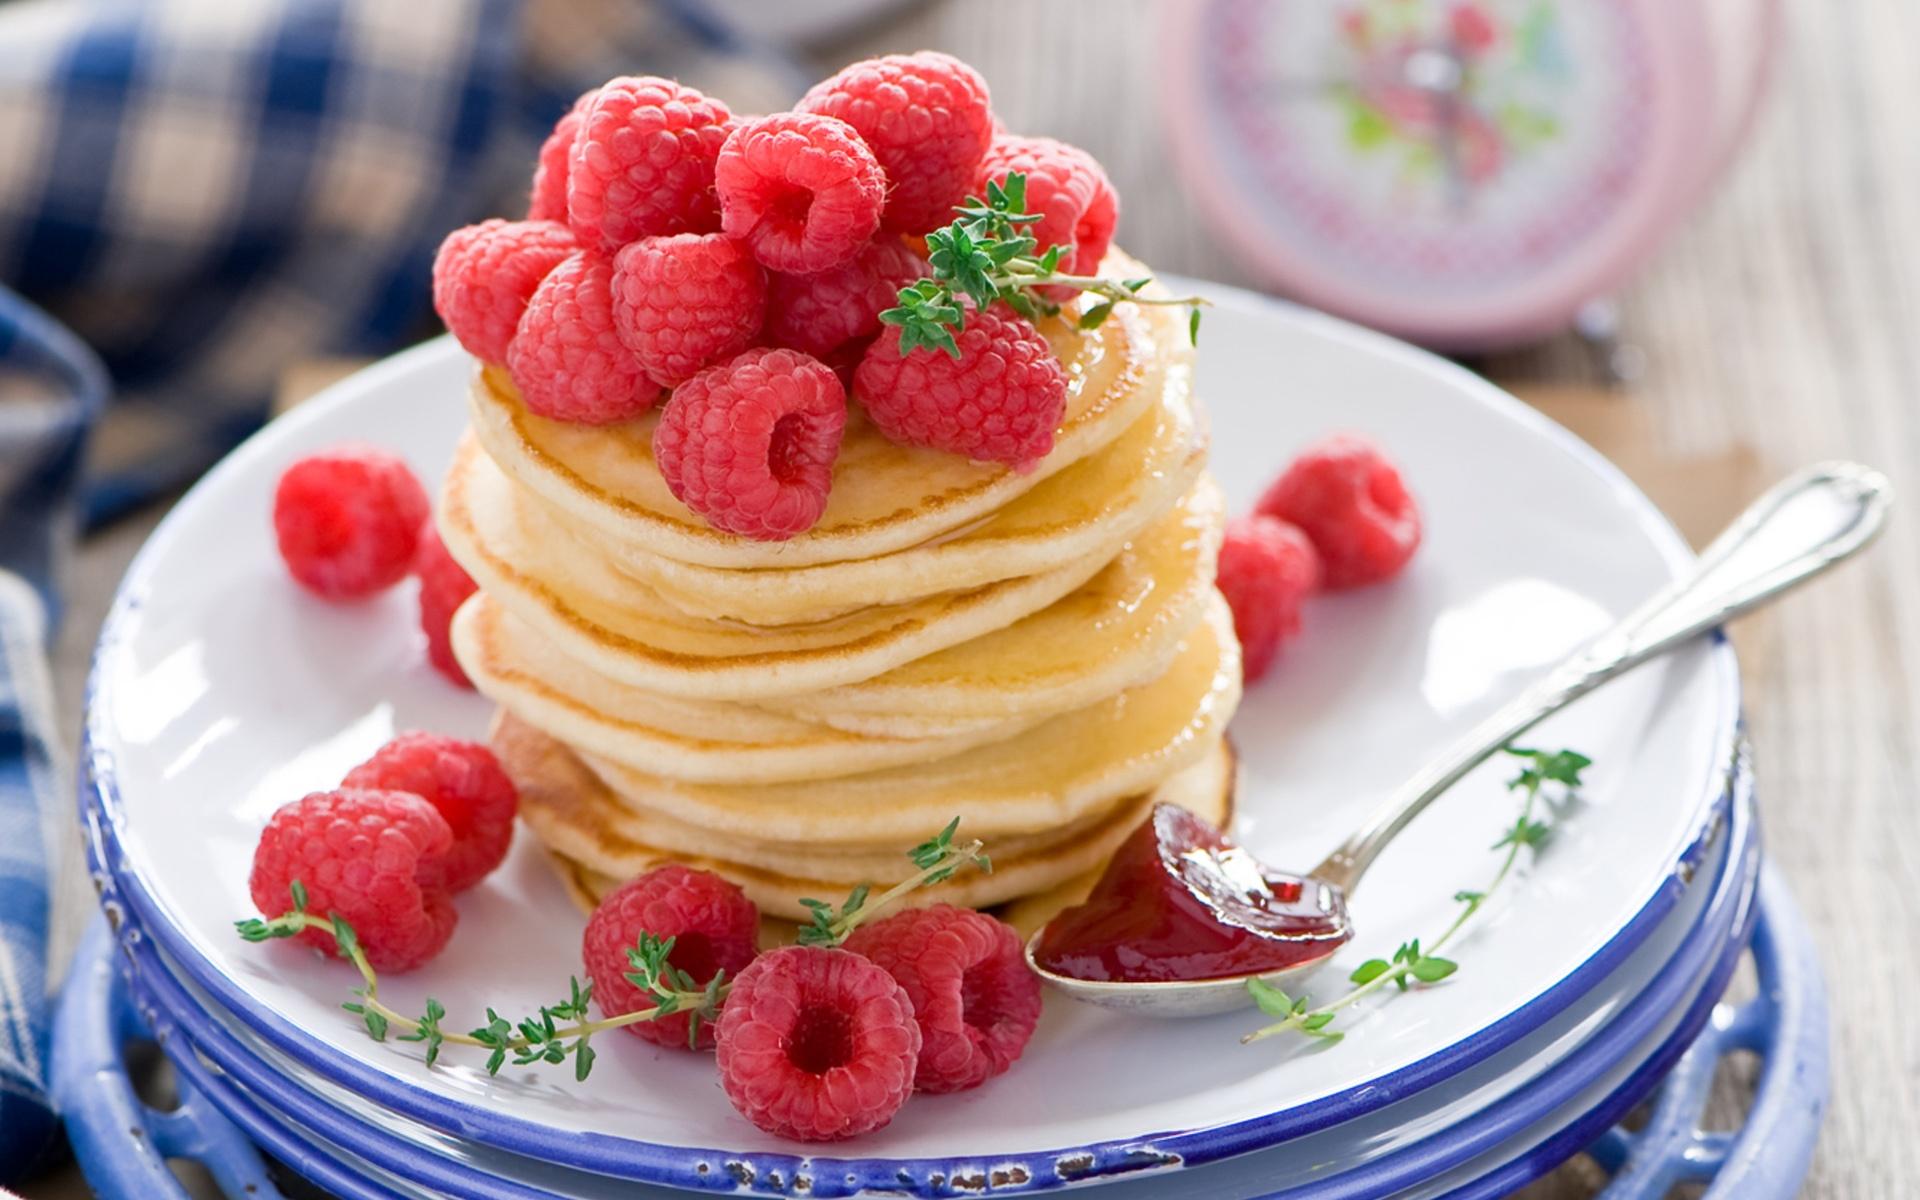 壁紙 食品 パンケーキ フルーツ レッドラズベリー デザートの果物 19x10 Hd 無料のデスクトップの背景 画像